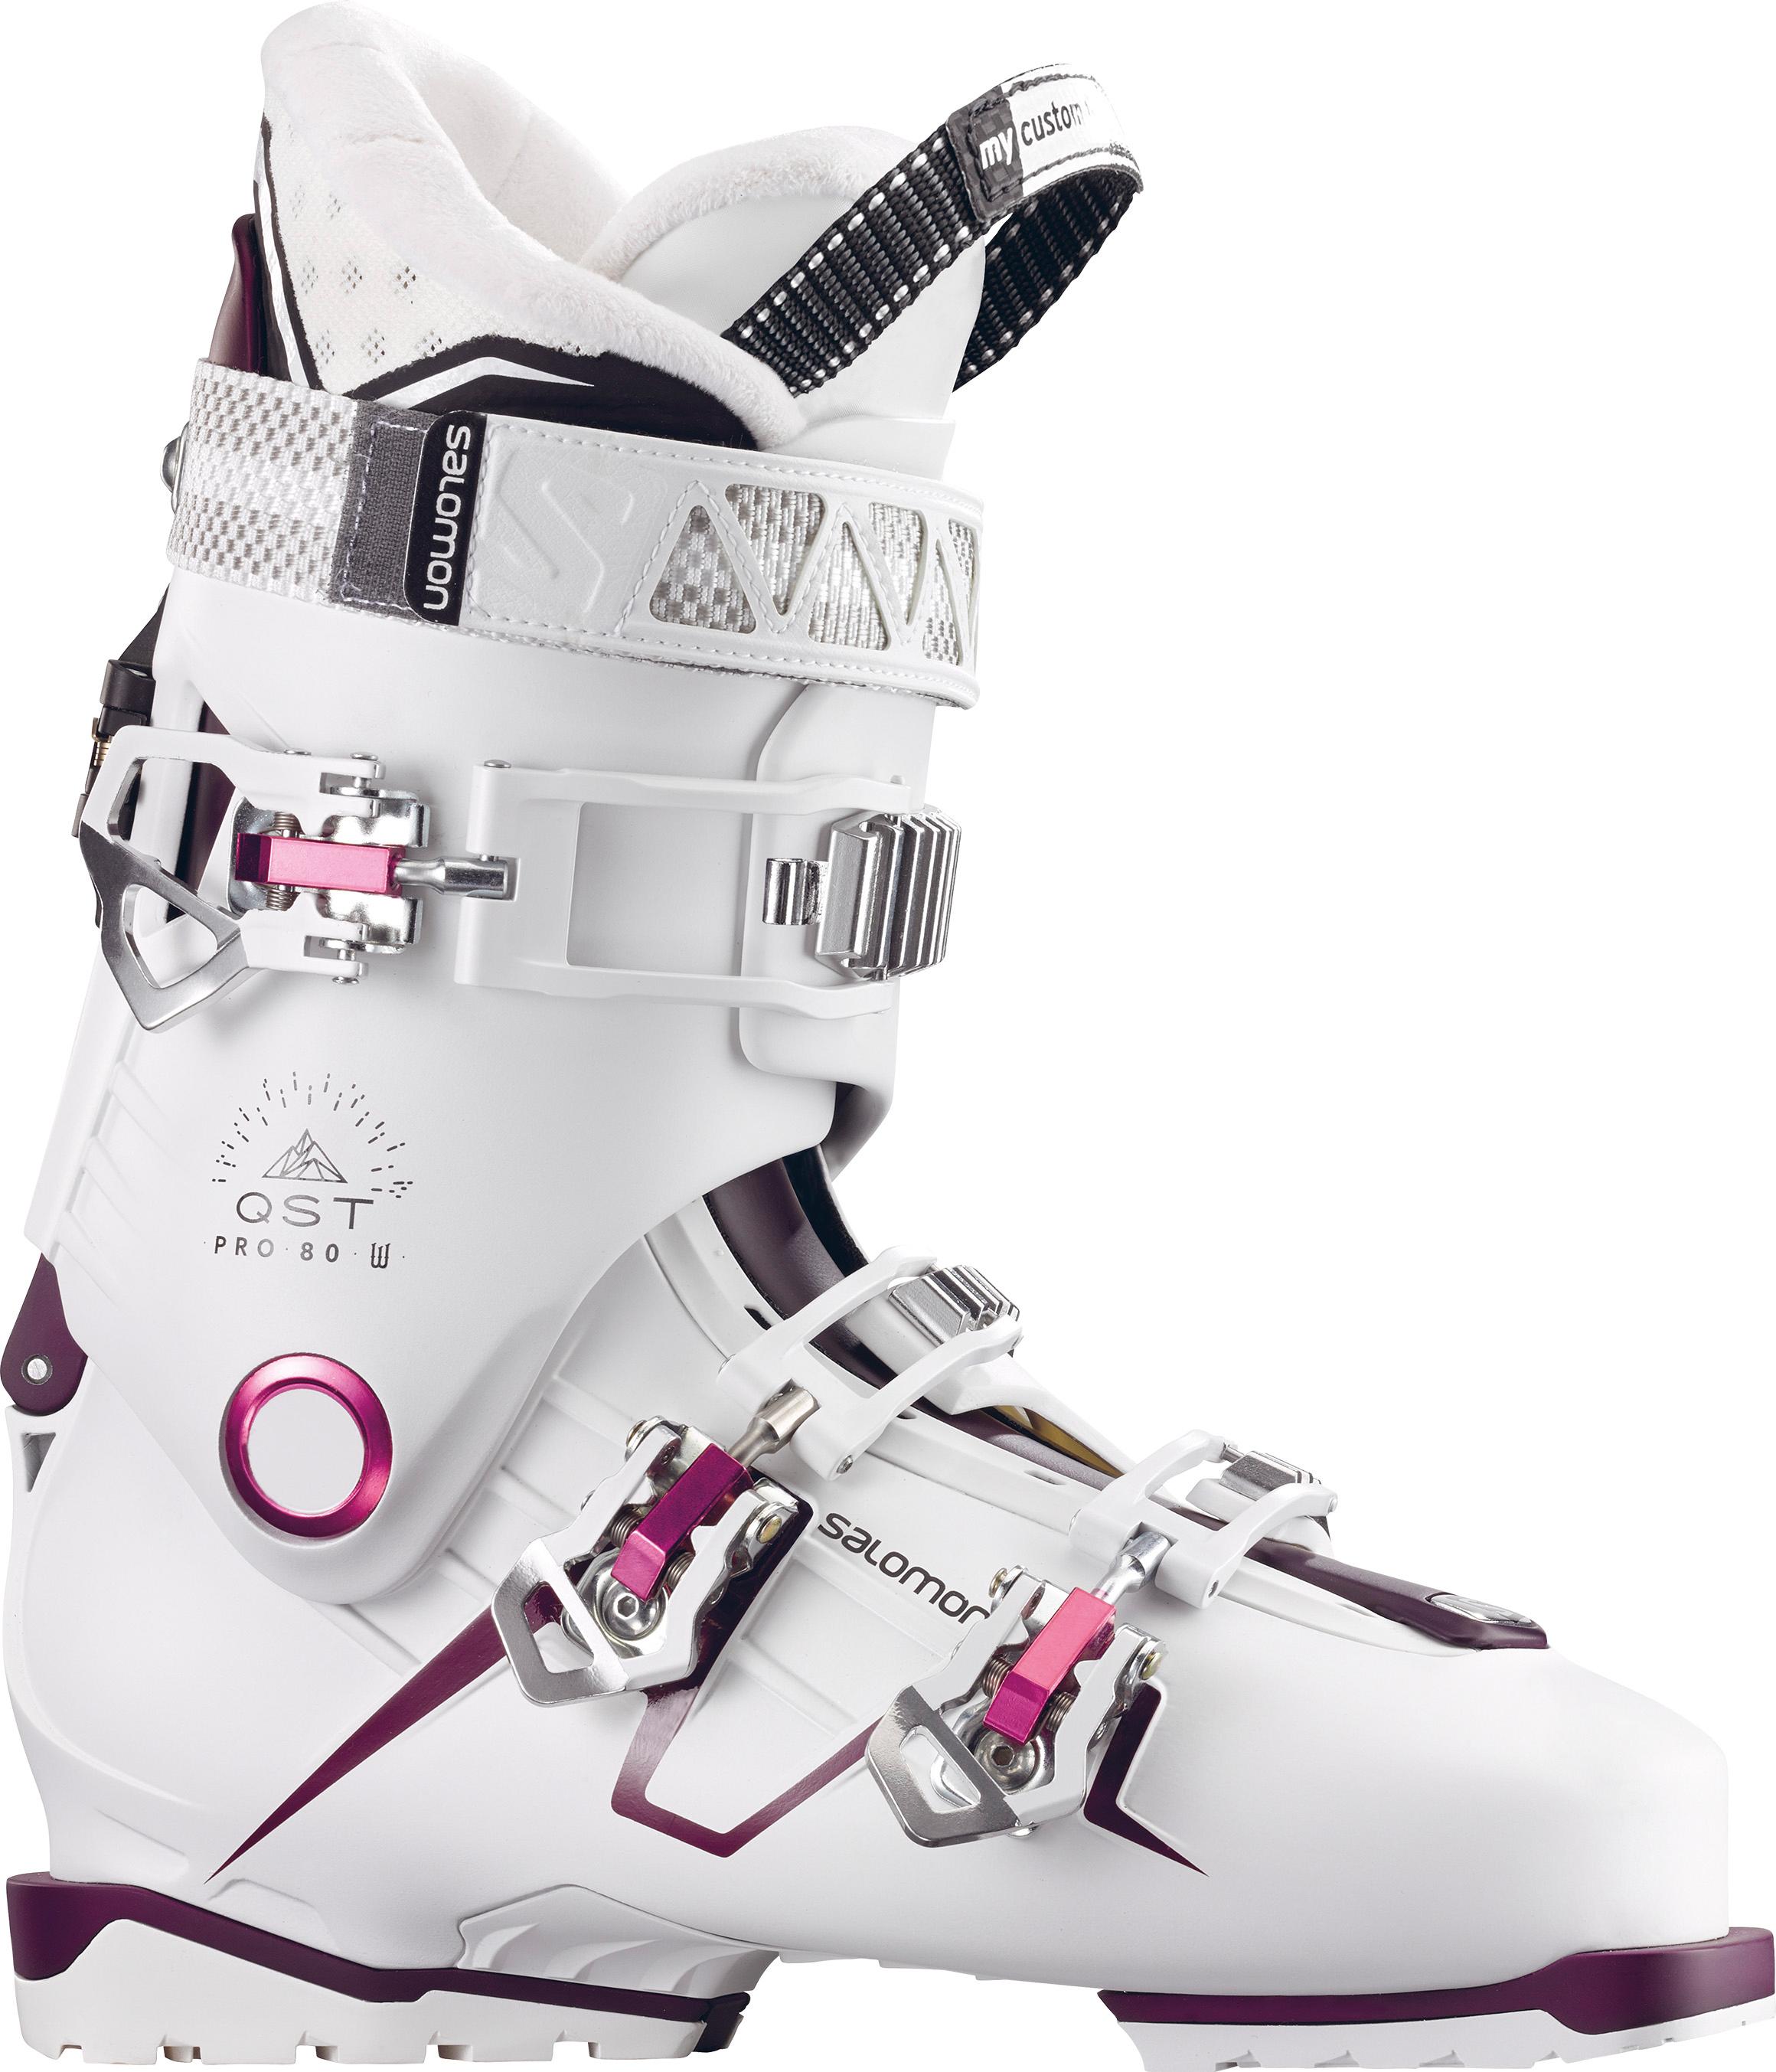 9e9b705a7a Salomon QST Pro 80 Ski Boots - Women s